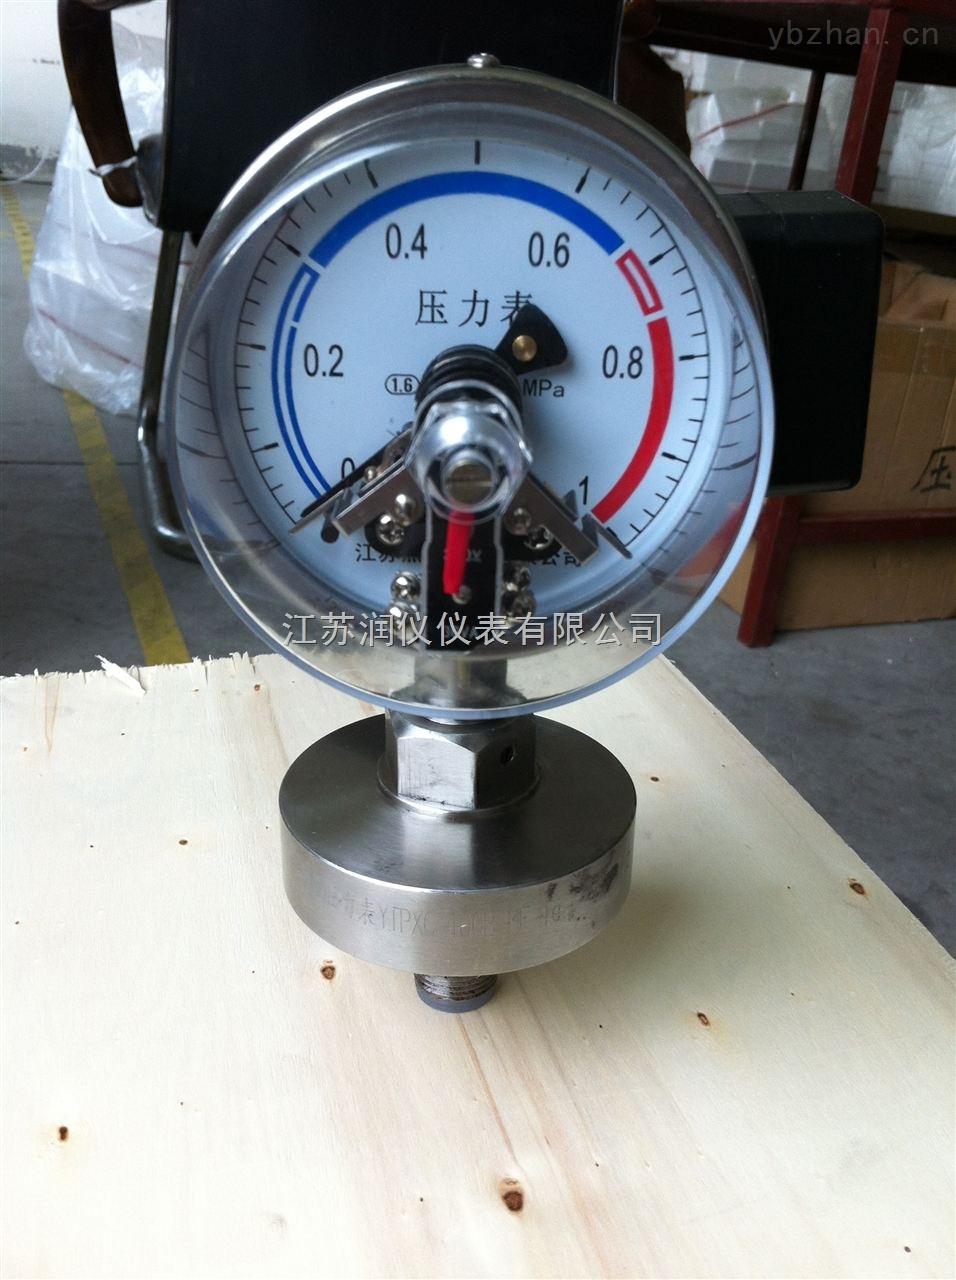 YNXP-100-電接點隔膜式耐震壓力表